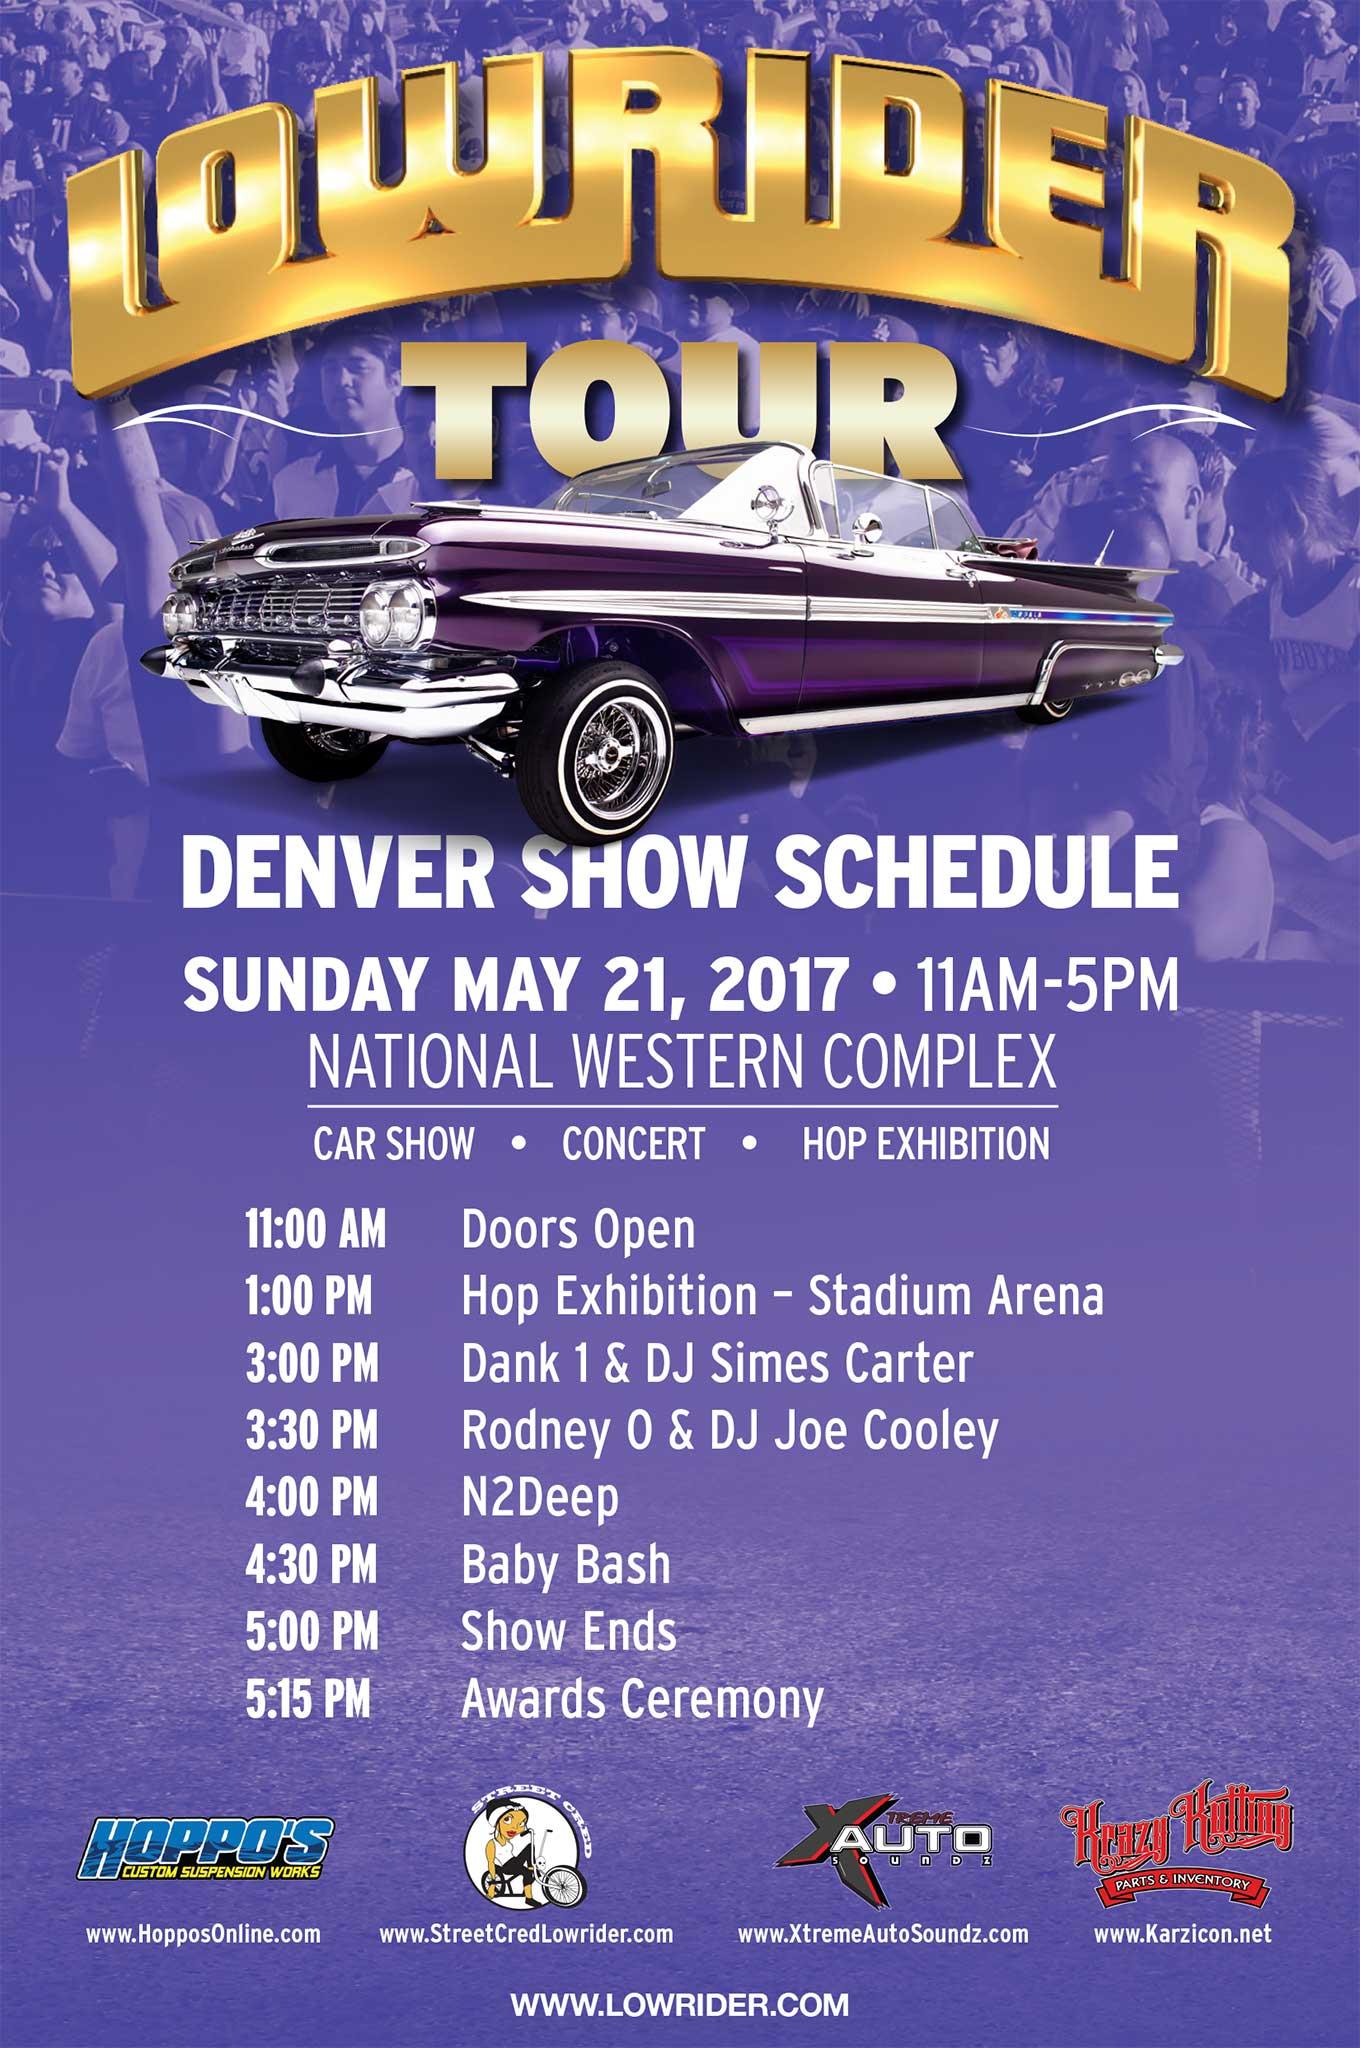 Denver Super Show Flyer Lowrider - Car show schedule